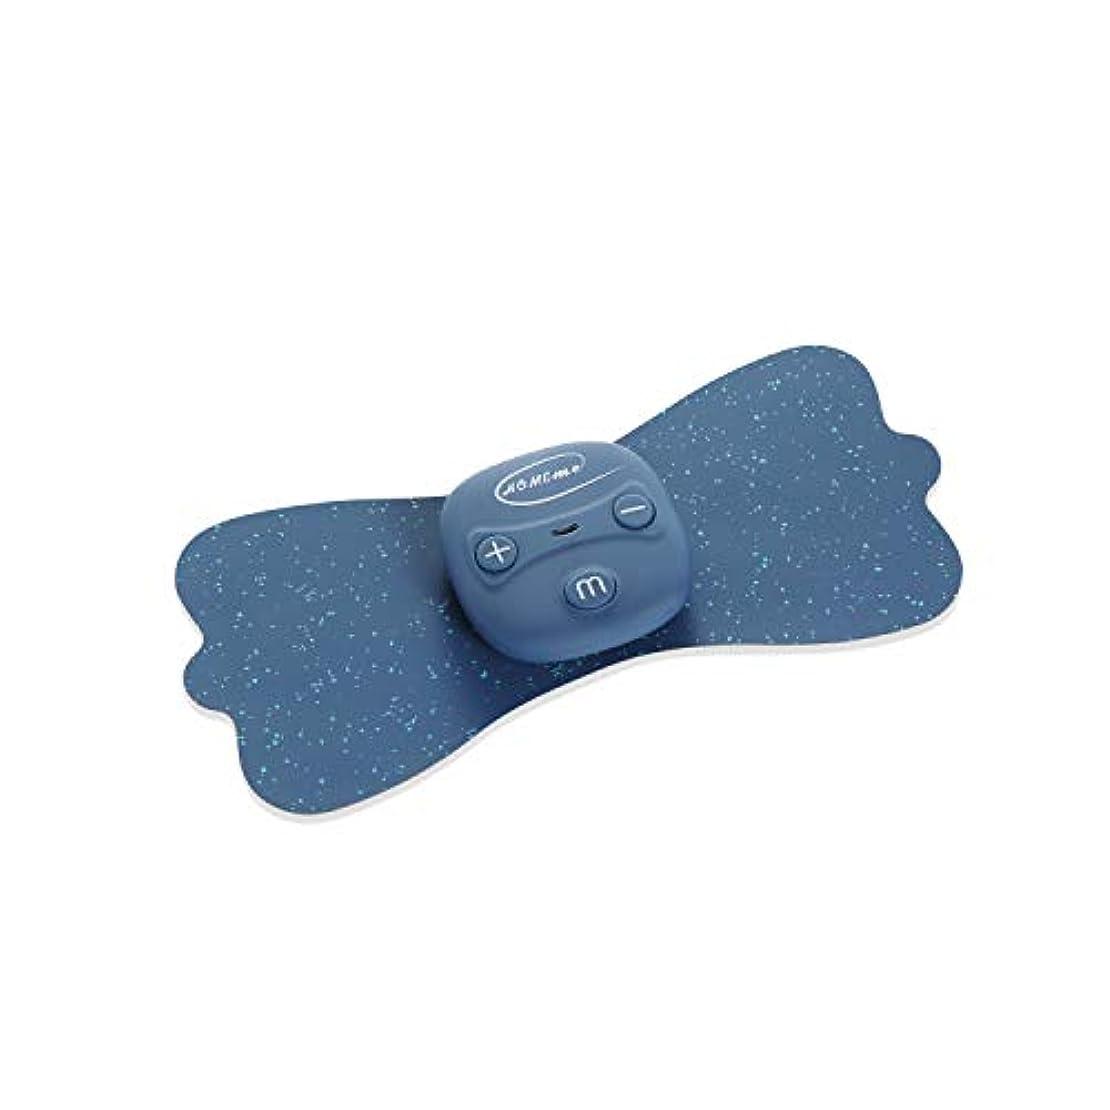 アルネデンプシー市の花HOMEME 低周波マッサージパッド 2枚 EMSパッド 15段階調節 6つモード 腰マッサージ usb充電式 筋疲労回復 一年保証 首/肩/腰/背中/手/足向け